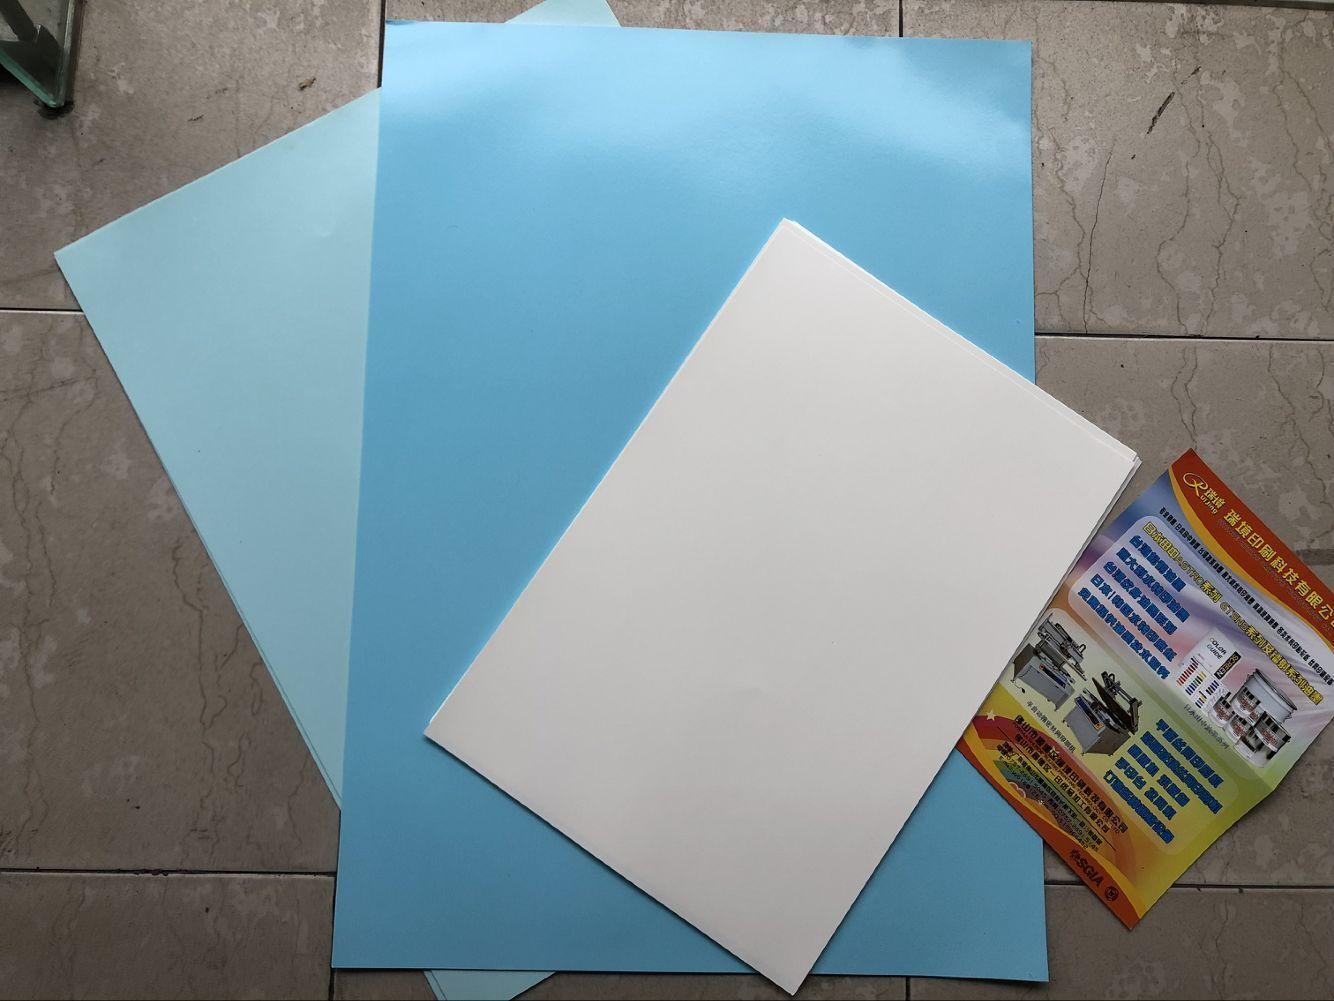 批发零售水贴纸蓝色水转印底纸水转印贴花纸 2